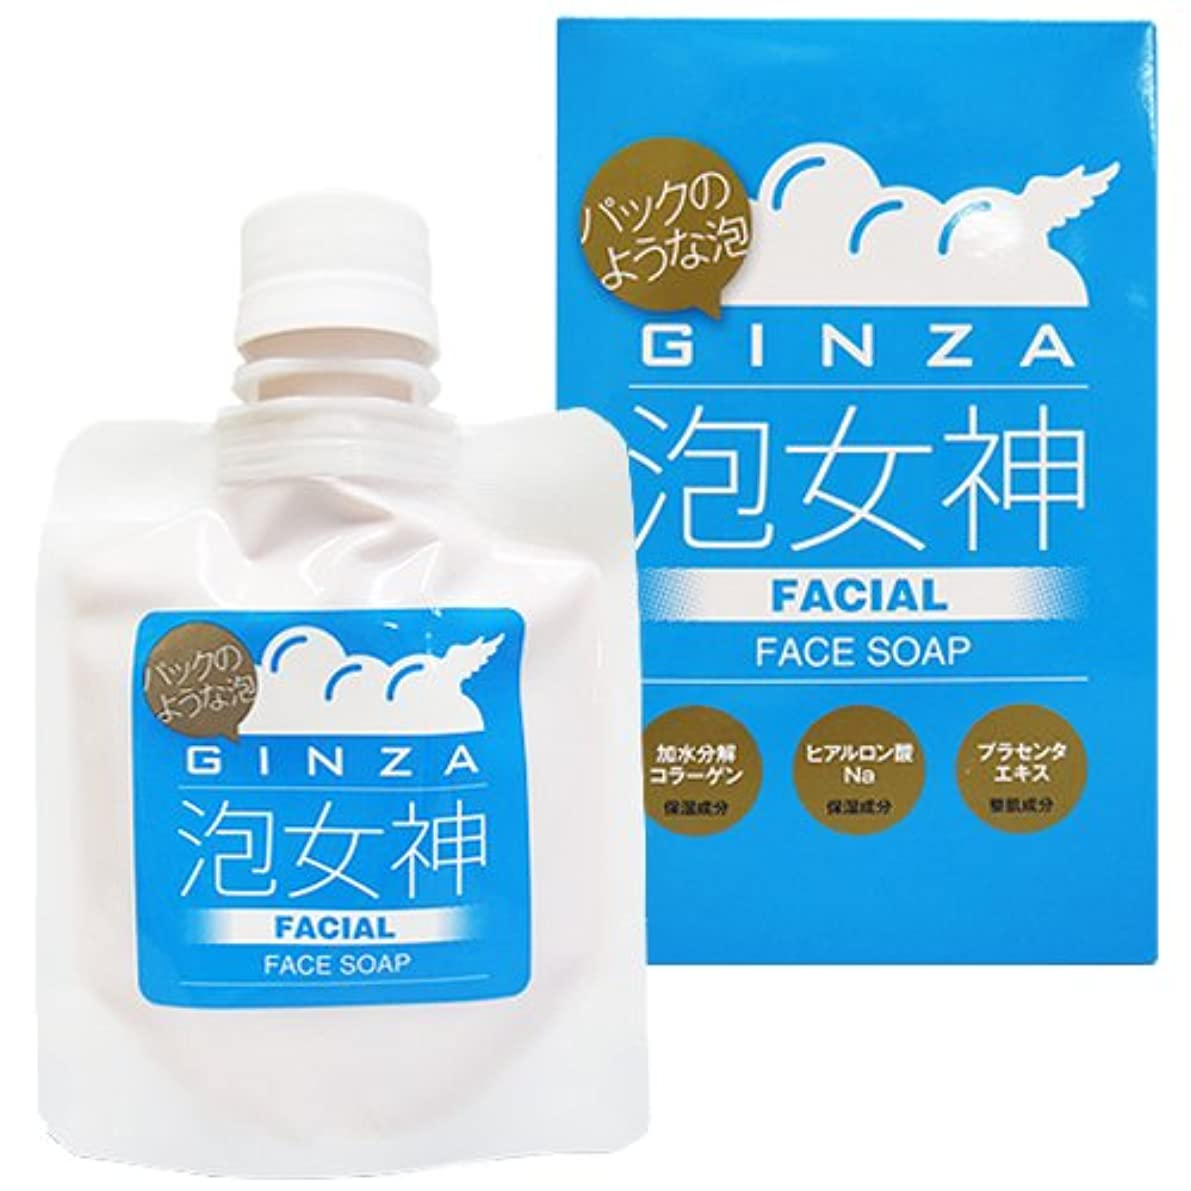 不調和ずるいアシスト銀座?イマージュ化粧品 GINZA泡女神フェイシャルソープ 110g